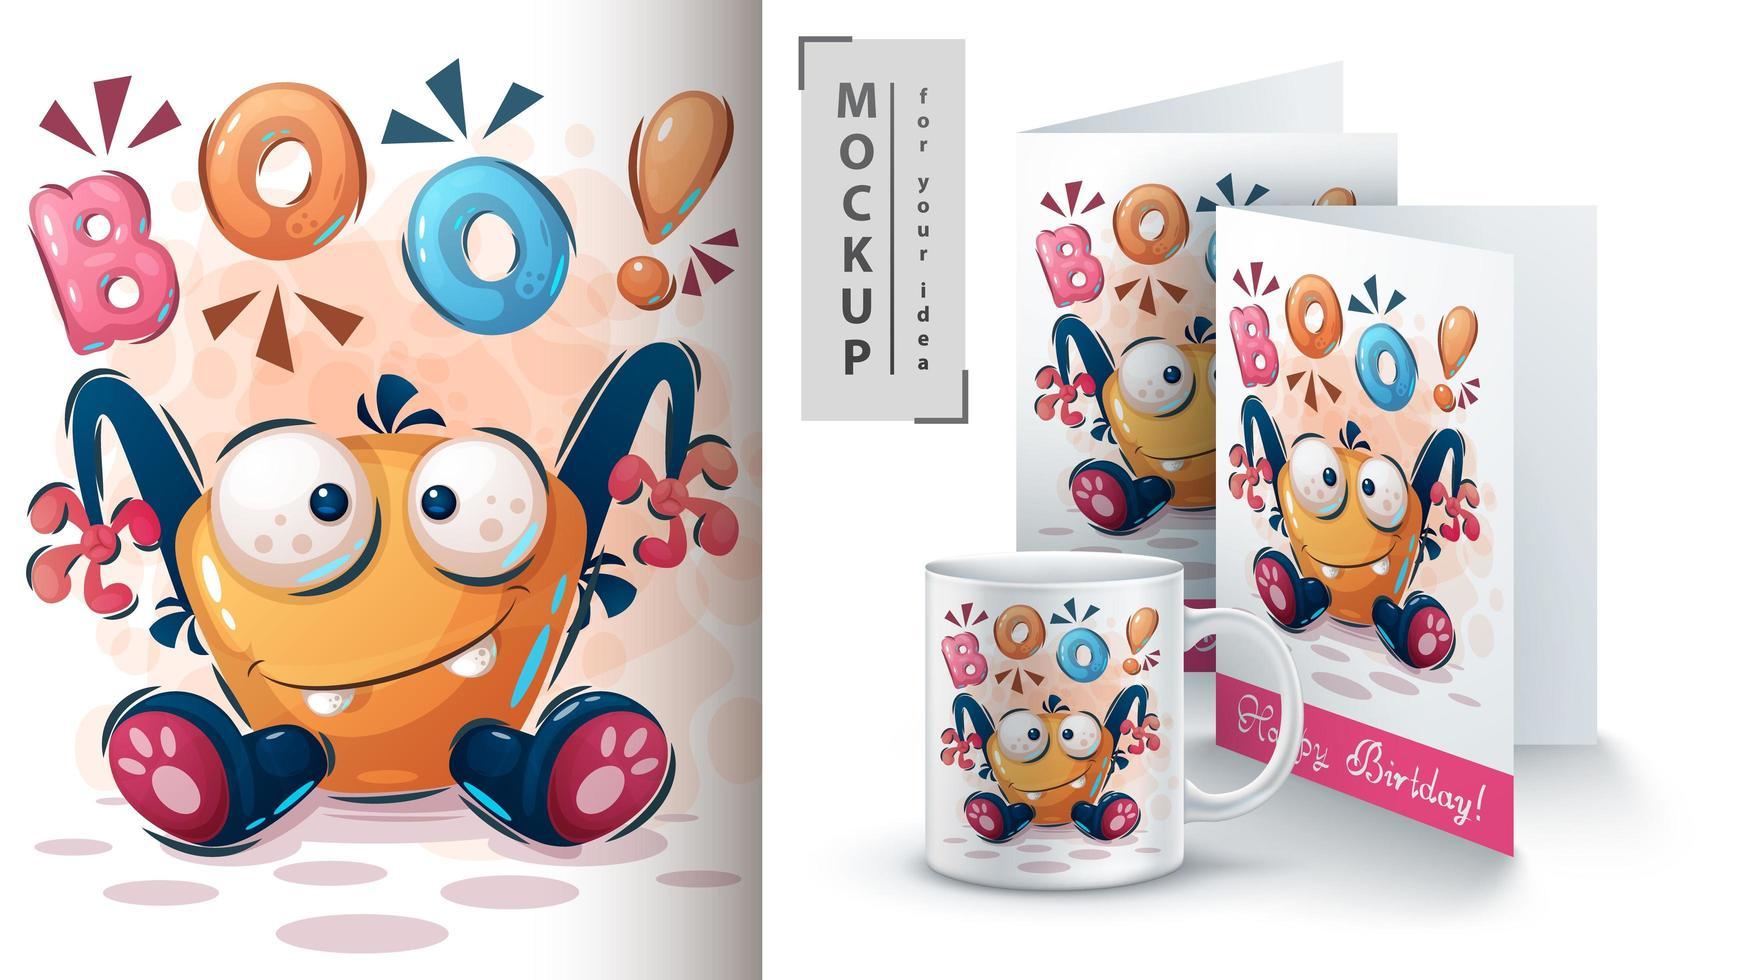 Sweet Halloween Monster Boo Poster and merchandising vector